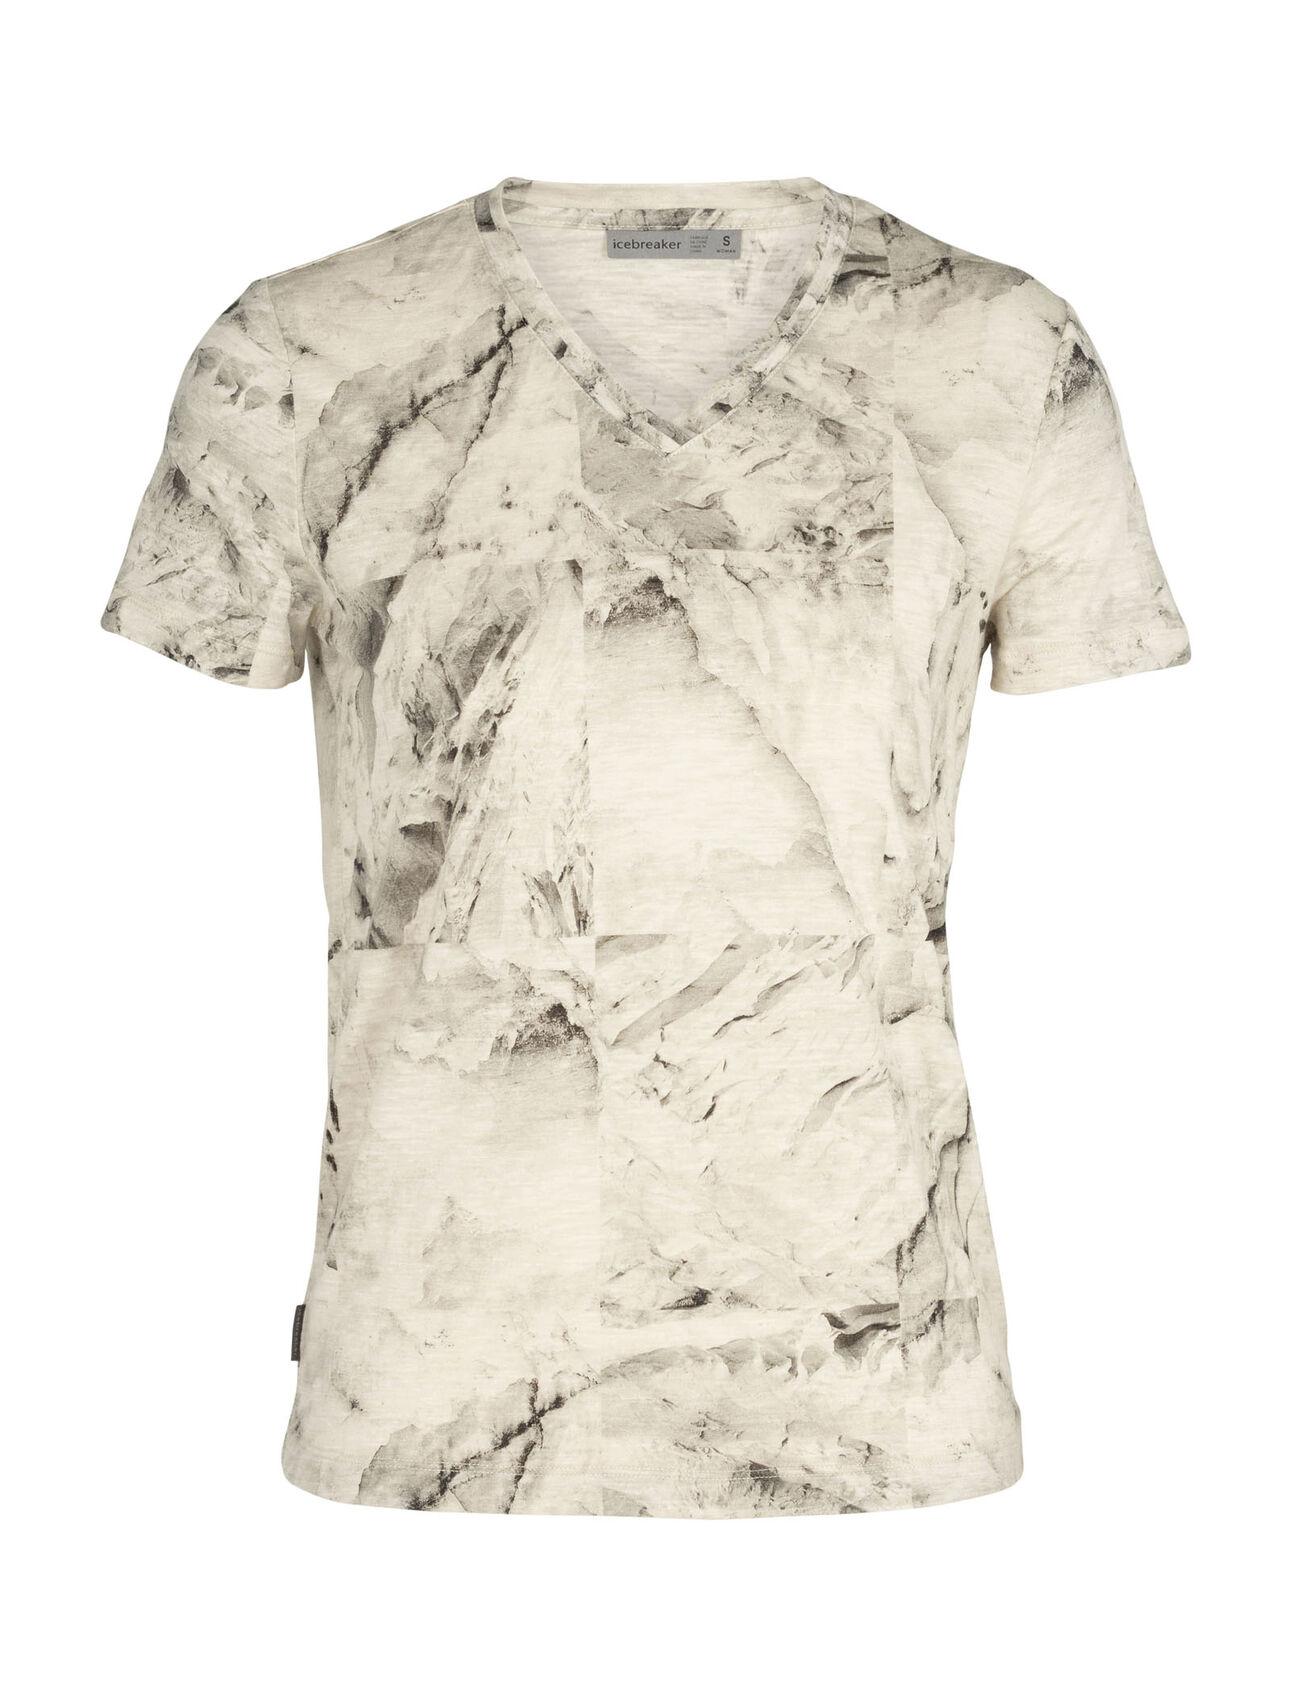 Merino Dowlas Short Sleeve V Neck T-Shirt IB Glacier Squares